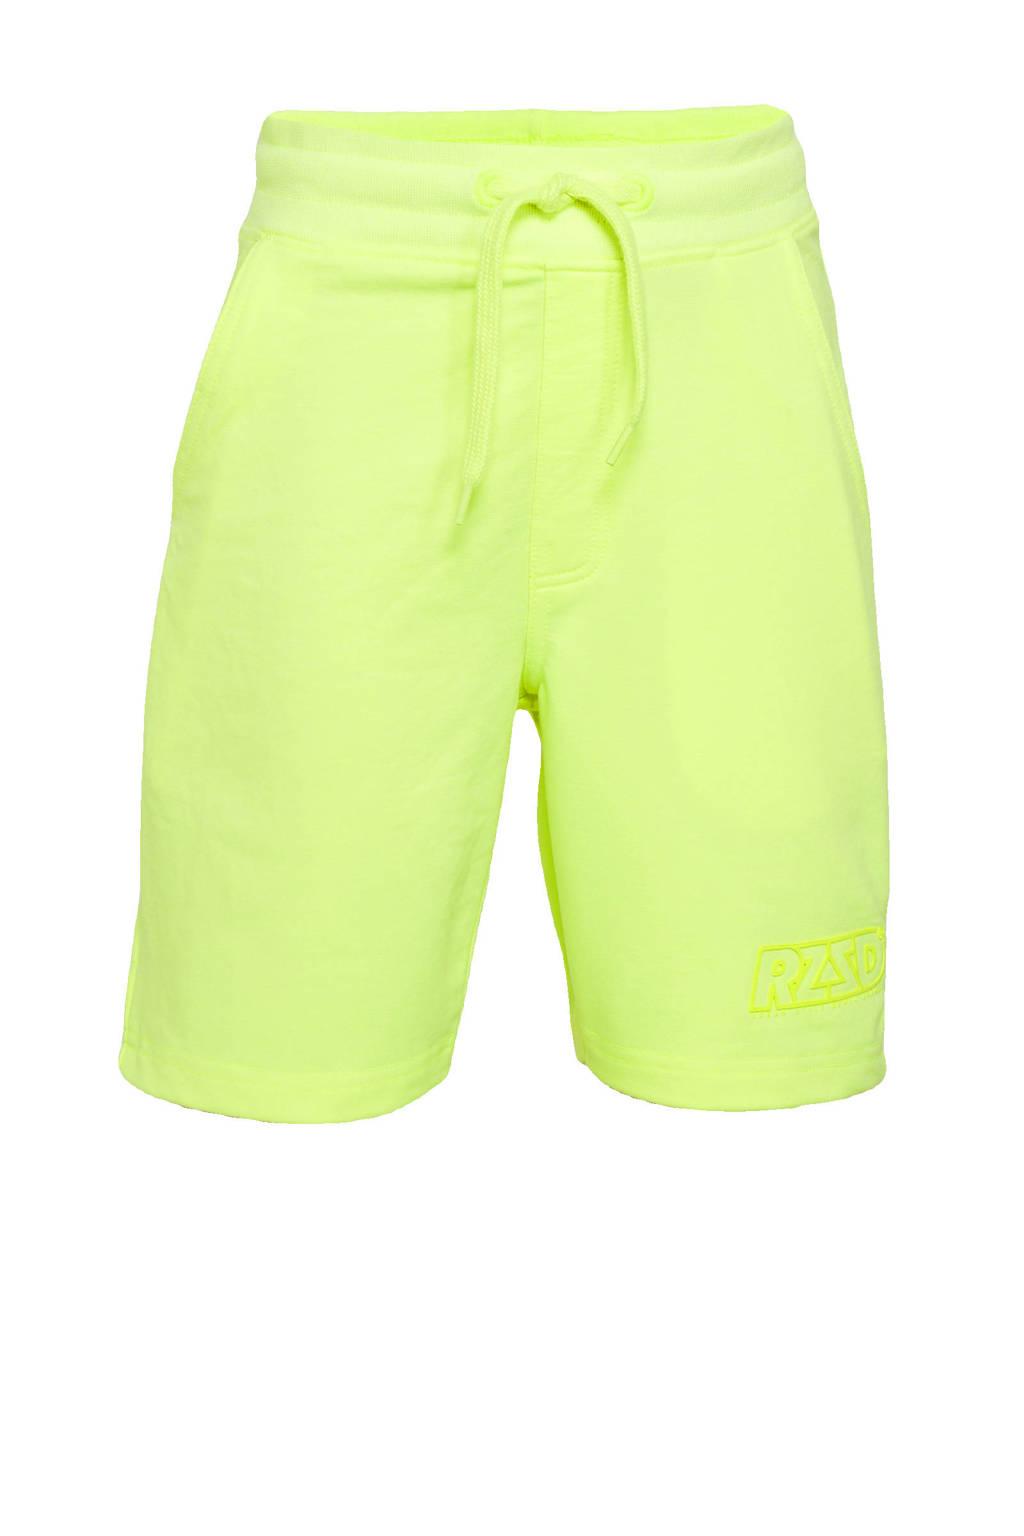 Raizzed sweatshort Rome neon geel, Neon geel